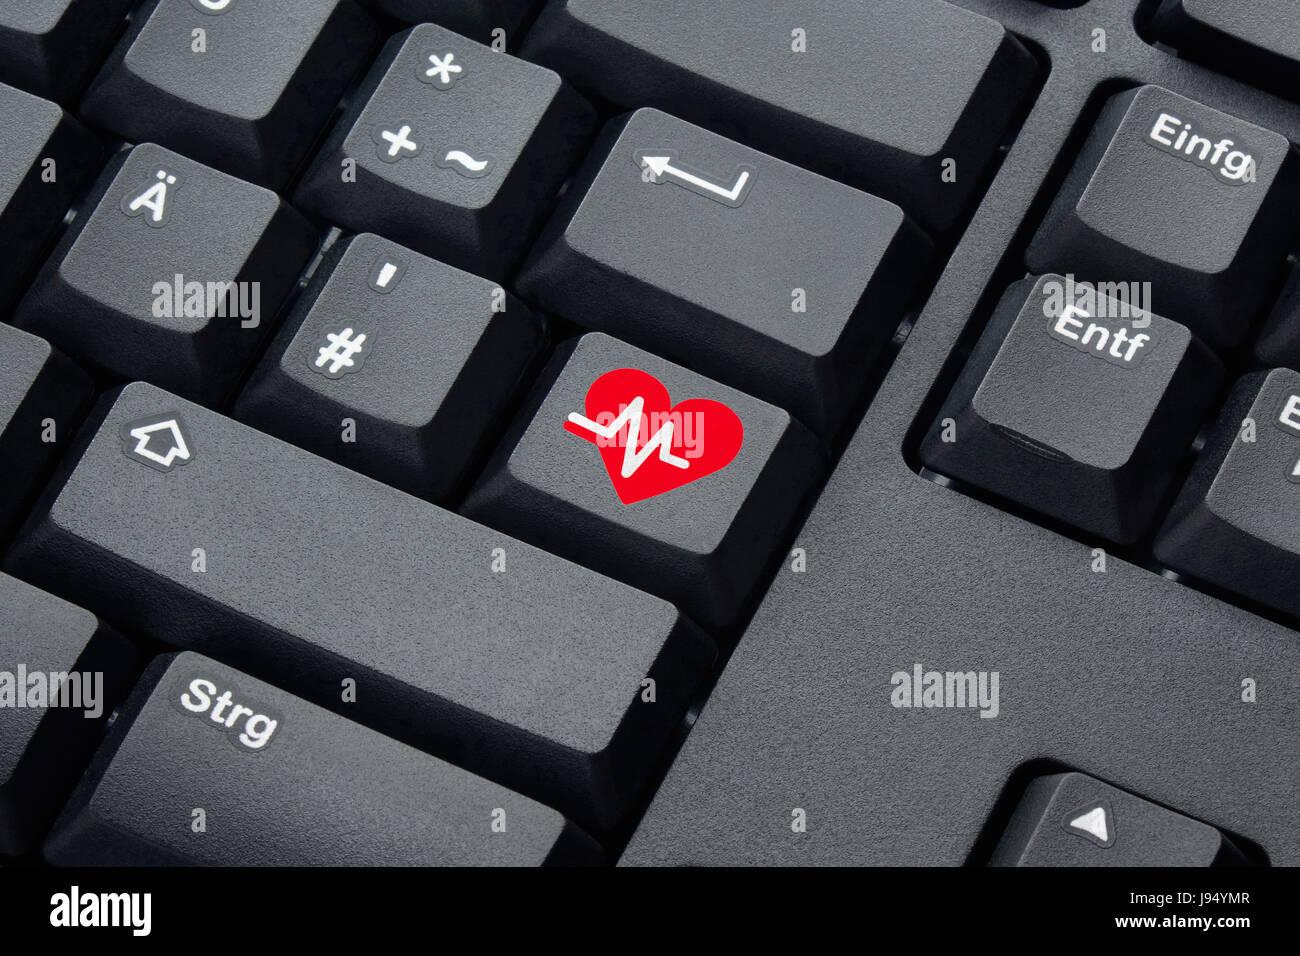 Heart shaped keyboard symbol images symbols and meanings arrhythmia stock photos arrhythmia stock images alamy illustration the heart rhythm symbol on the key of buycottarizona Choice Image